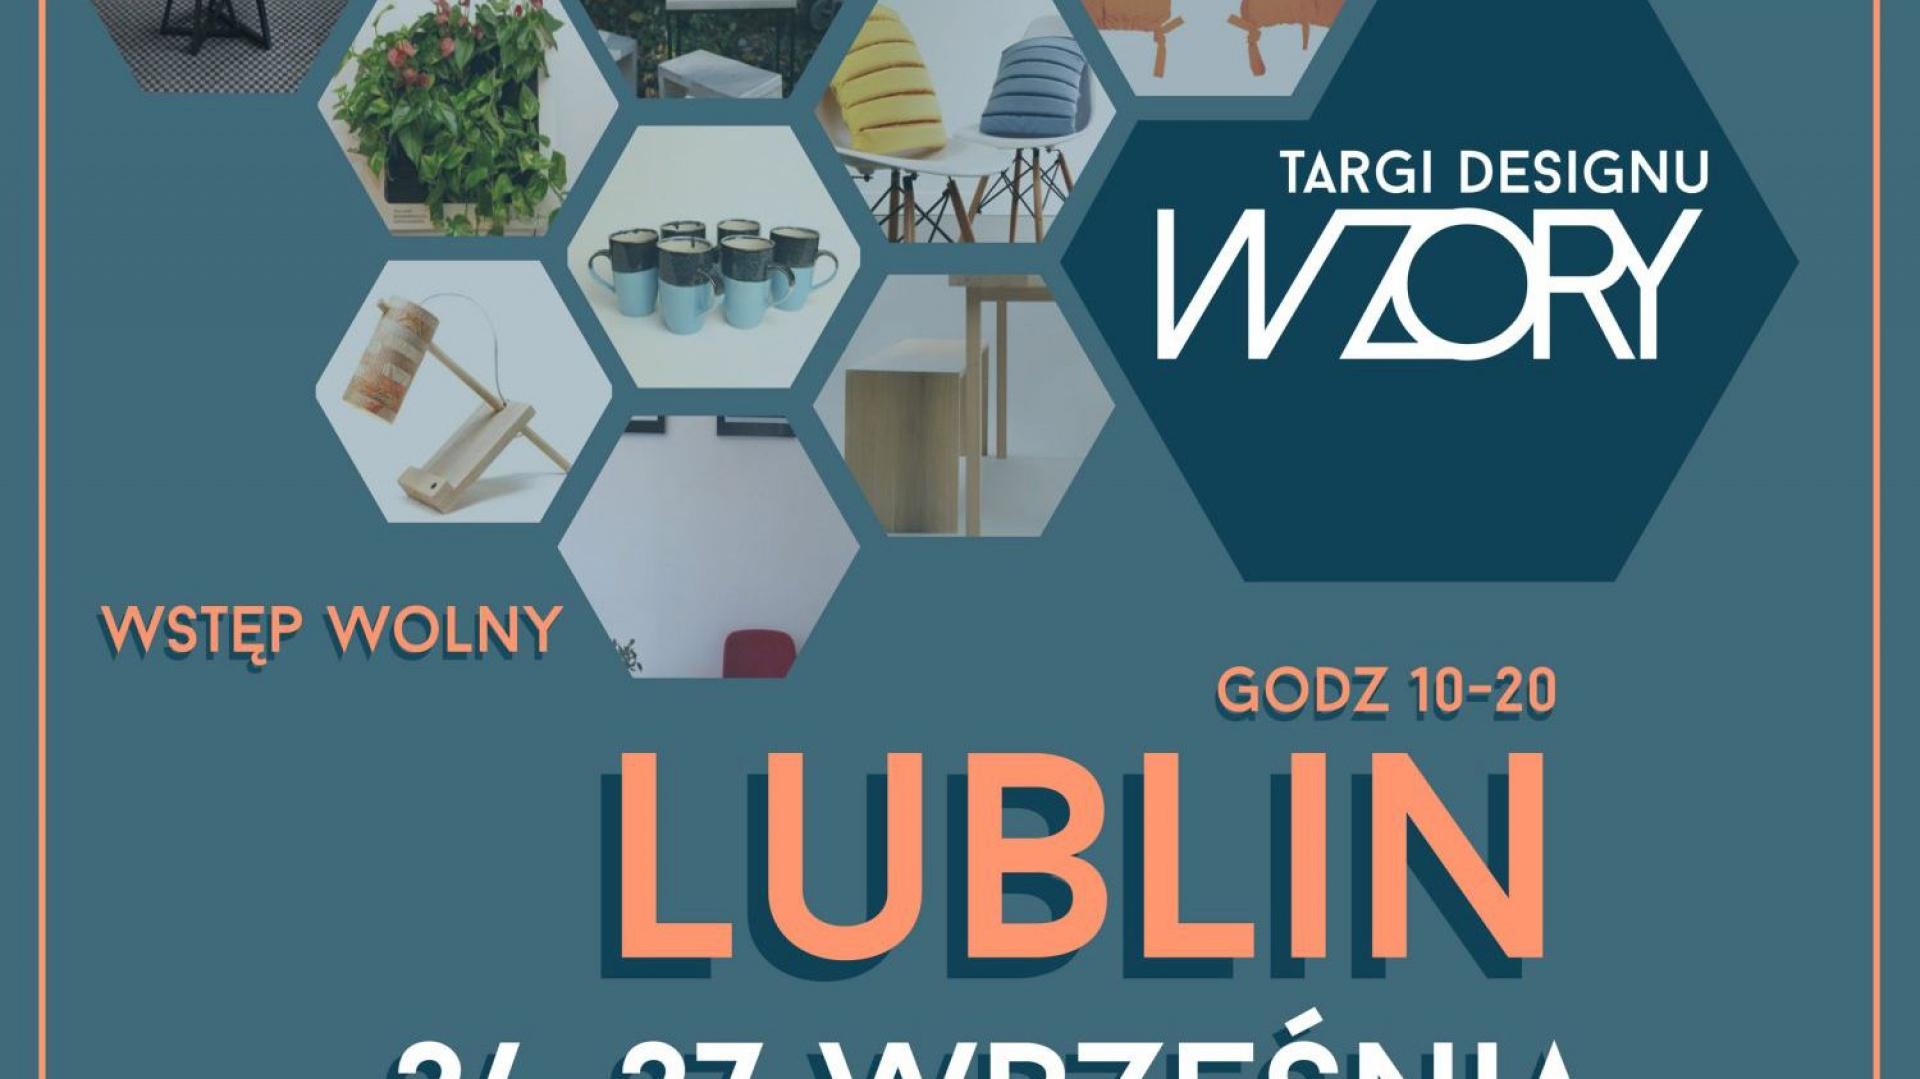 Plakat promujący targi Wzory w Lublinie.